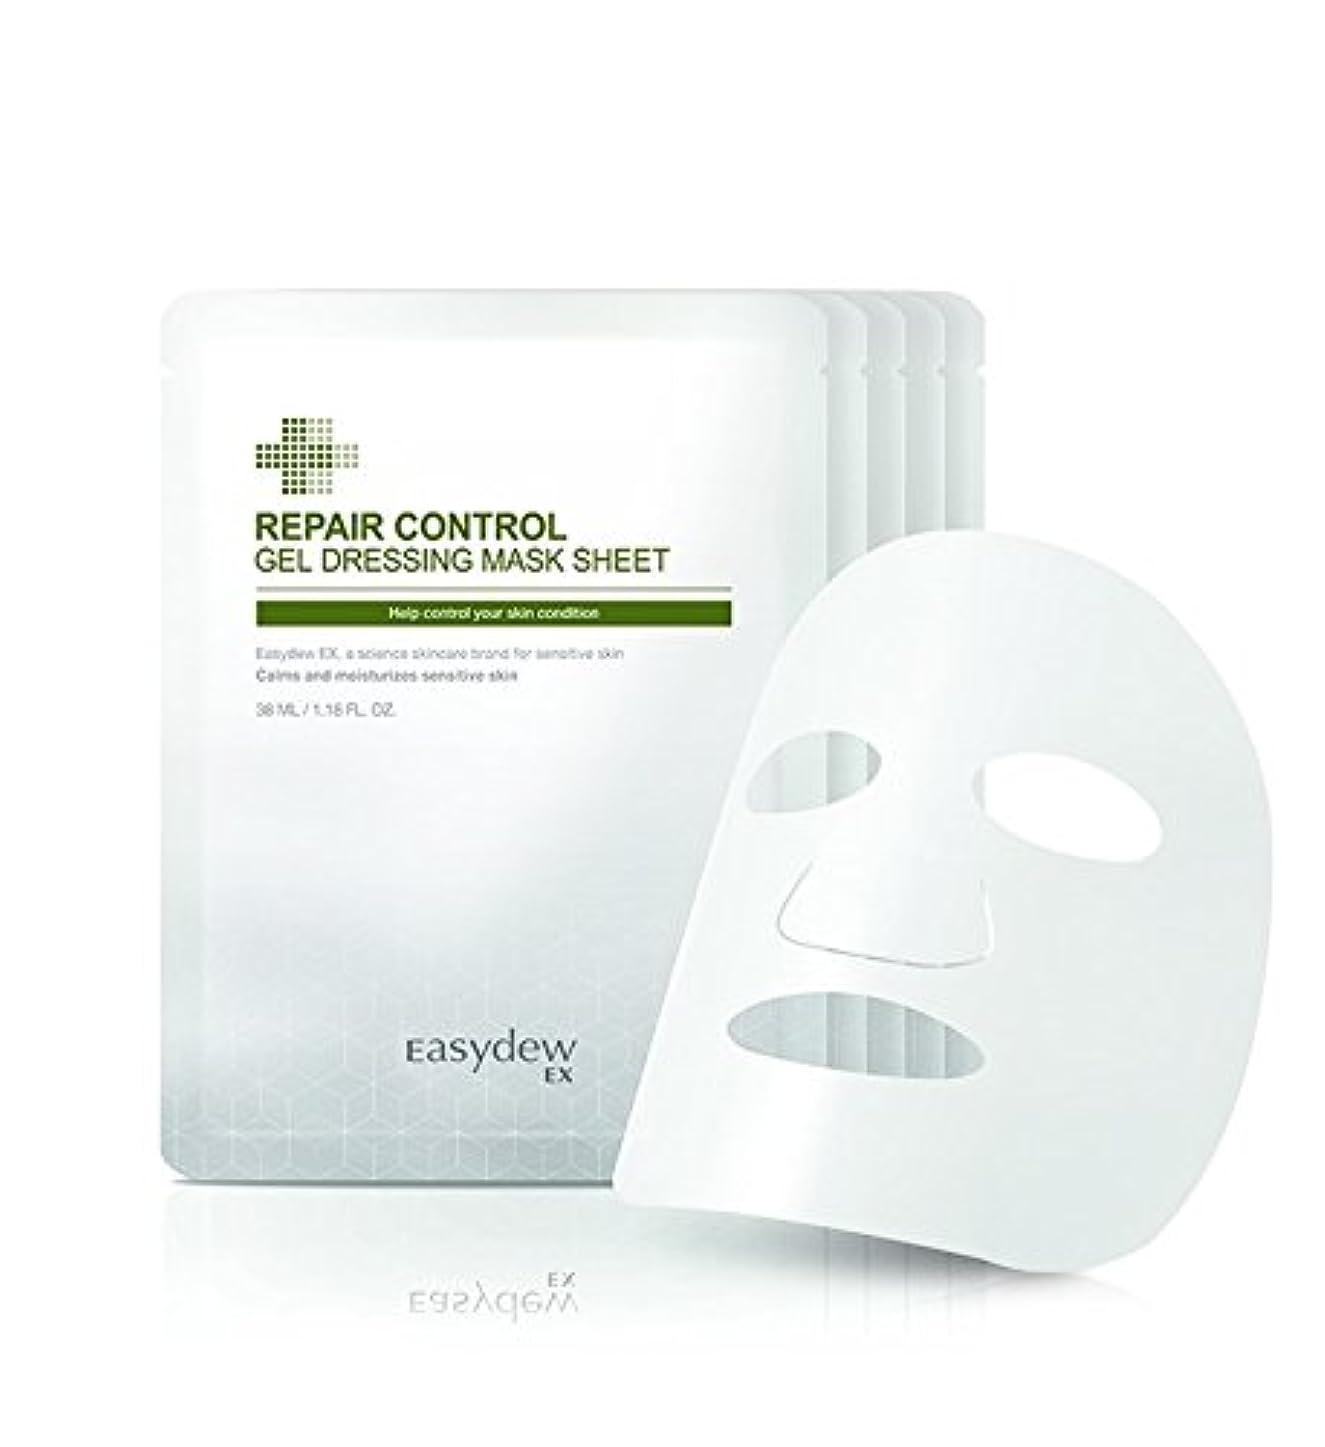 死にかけている説教する敬礼デウン製薬 リペア コントロール ゲルドレッシング マスクシートー38ml X 5枚セット. Repair Control Gel Dressing Mask Sheet 38ml X 5P set.